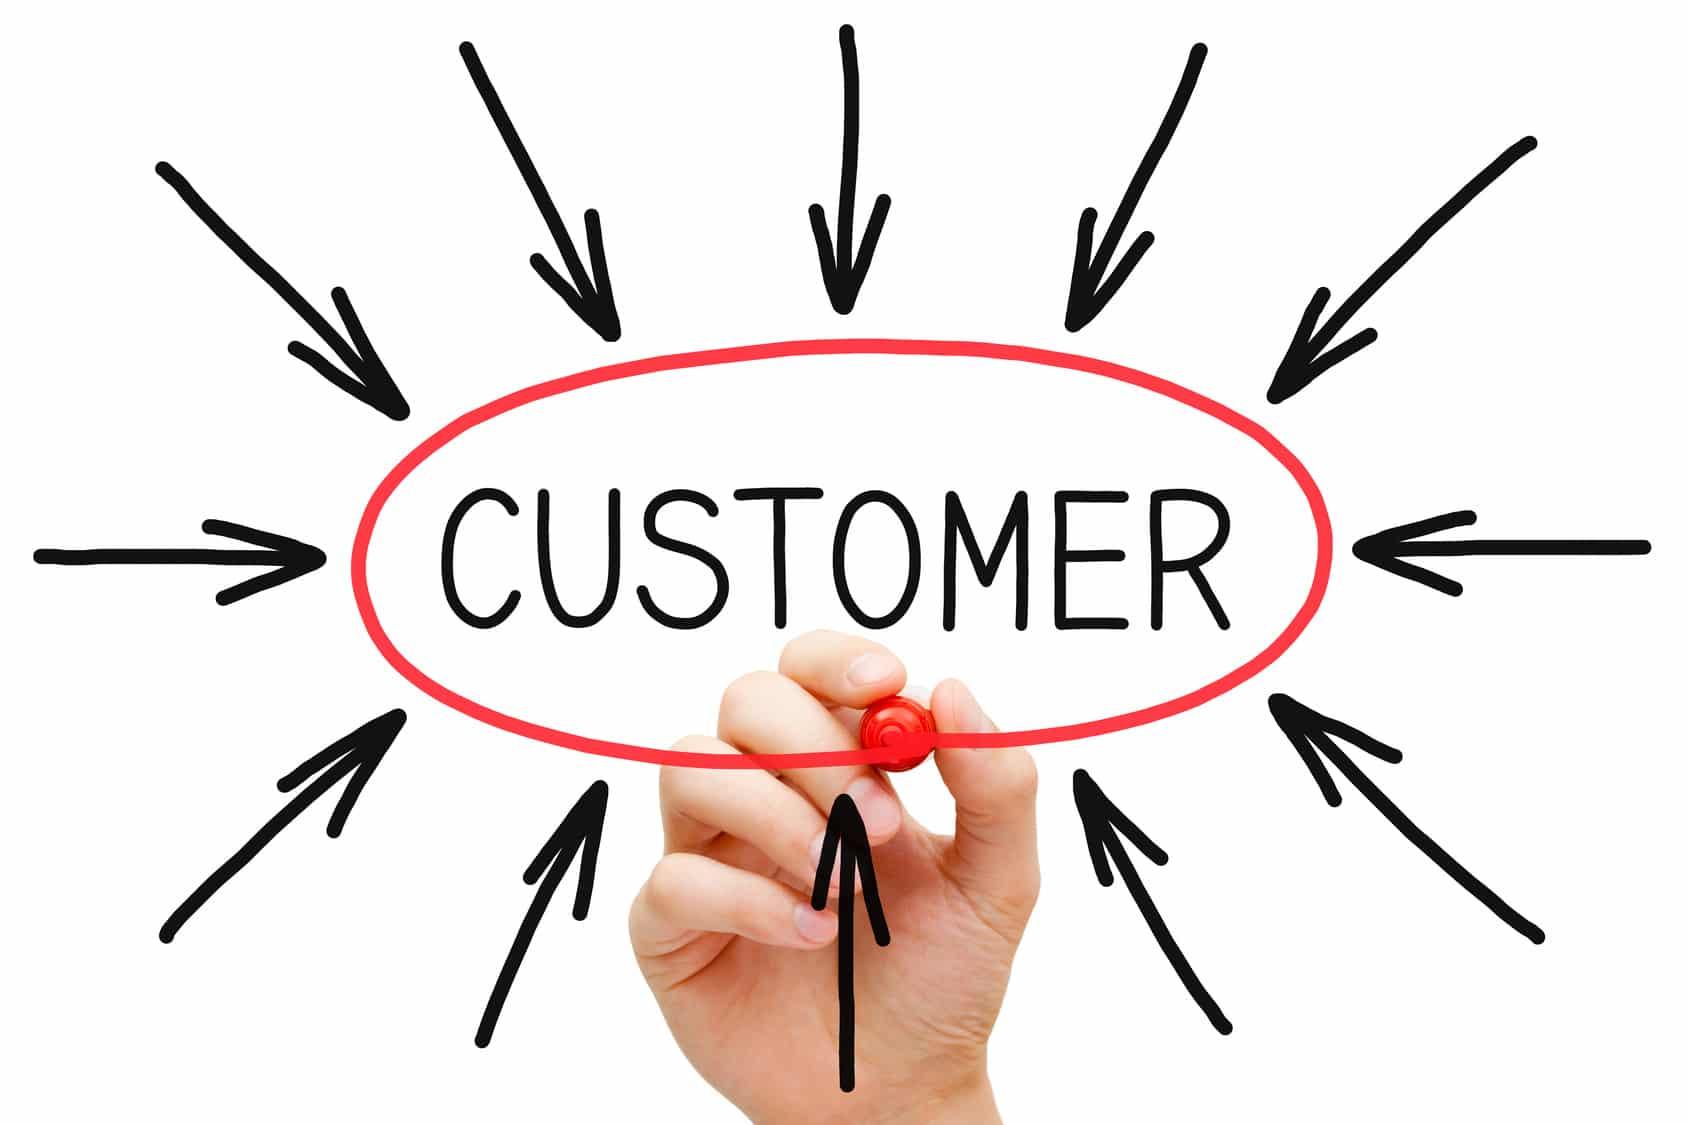 visitor-customers الطرق السبعة الأكثر فاعلية للحصول على العملاء و زيادة المبيعات